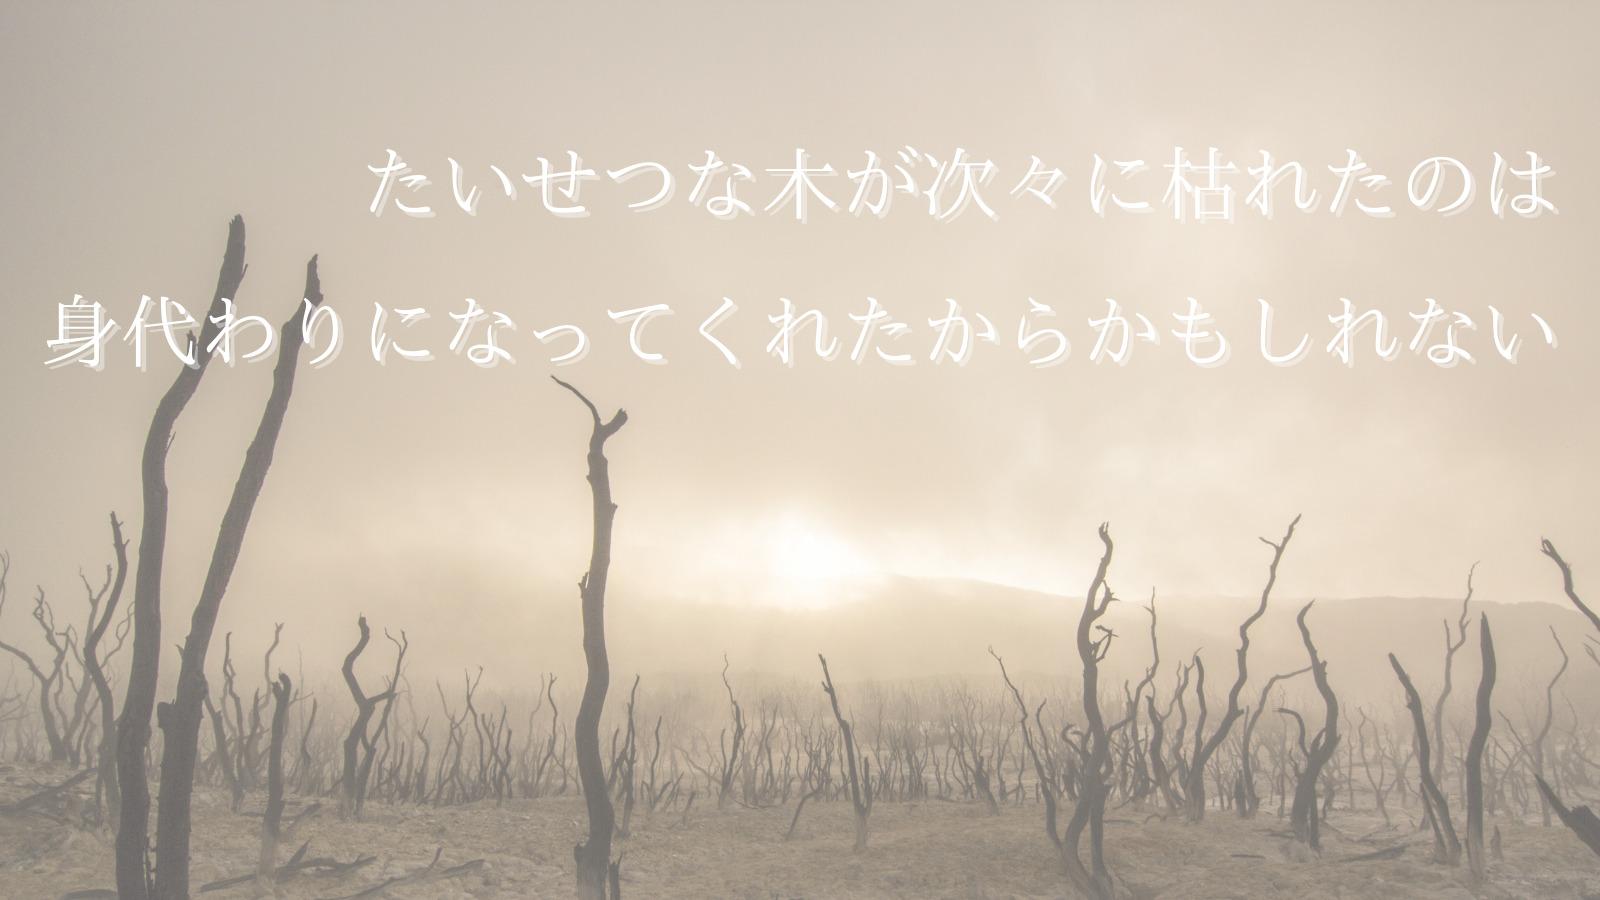 立ち枯れる木々